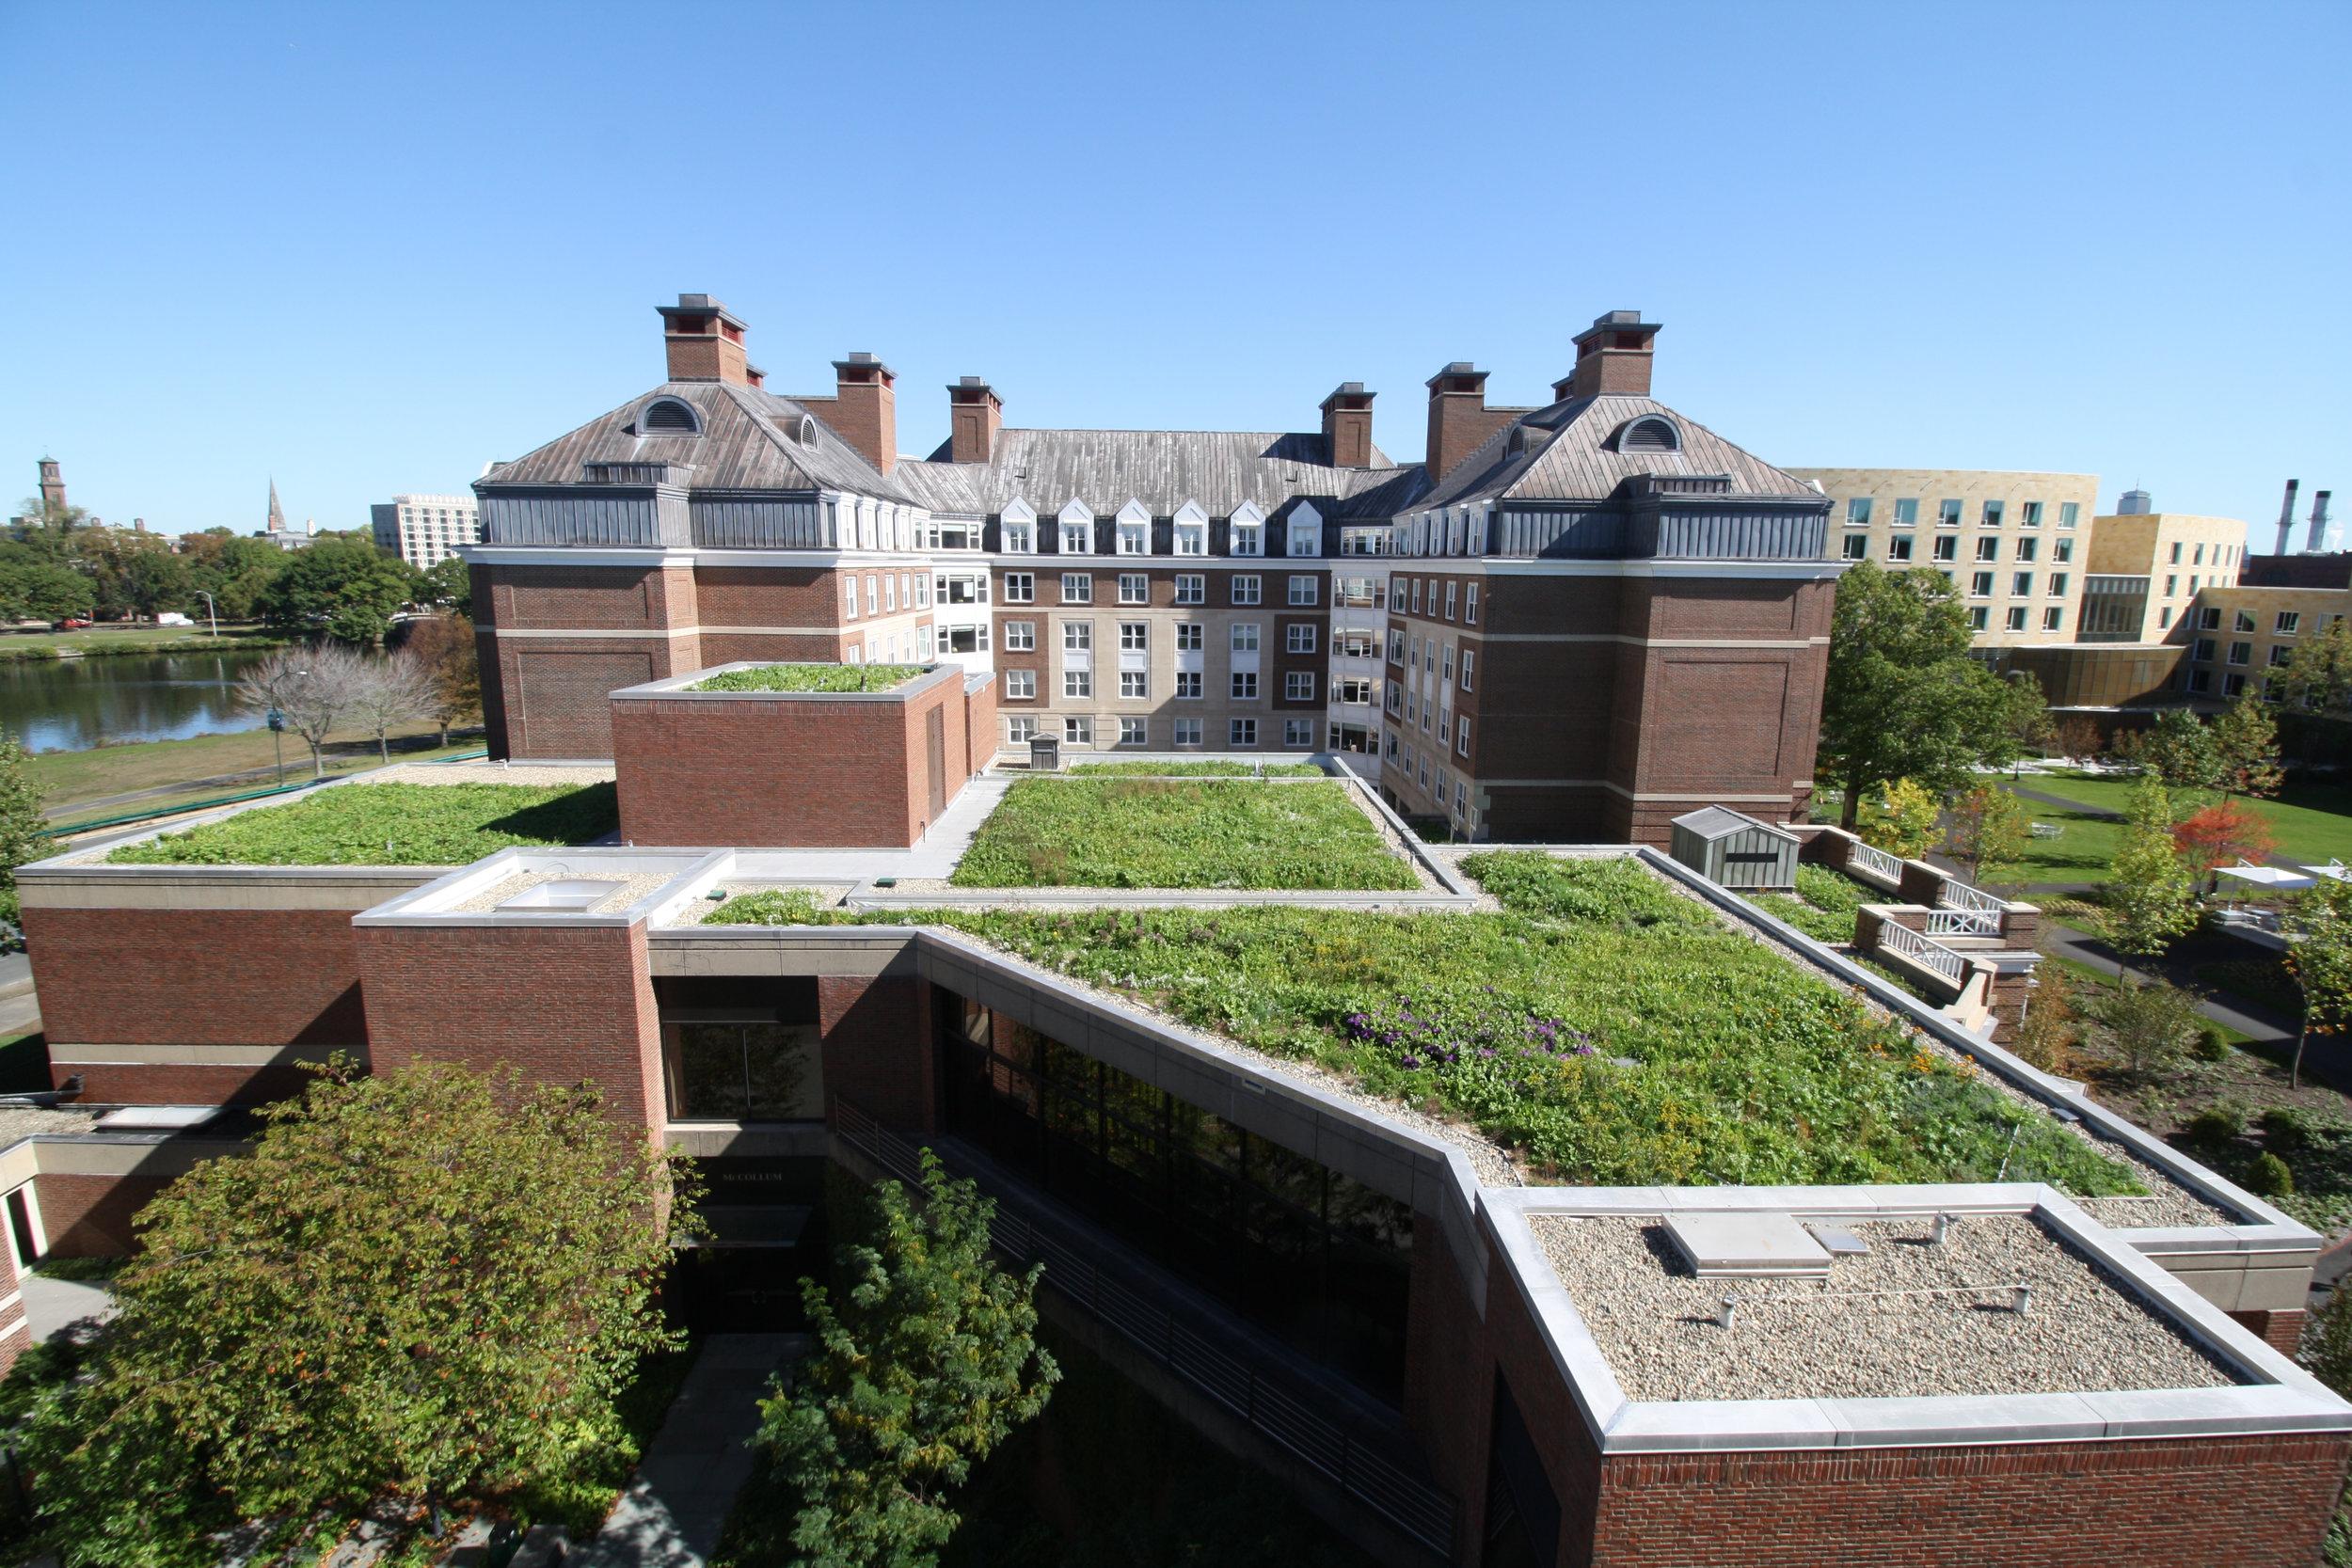 recover-green-roofs-harvard-business-school-garden-2017-18.jpg